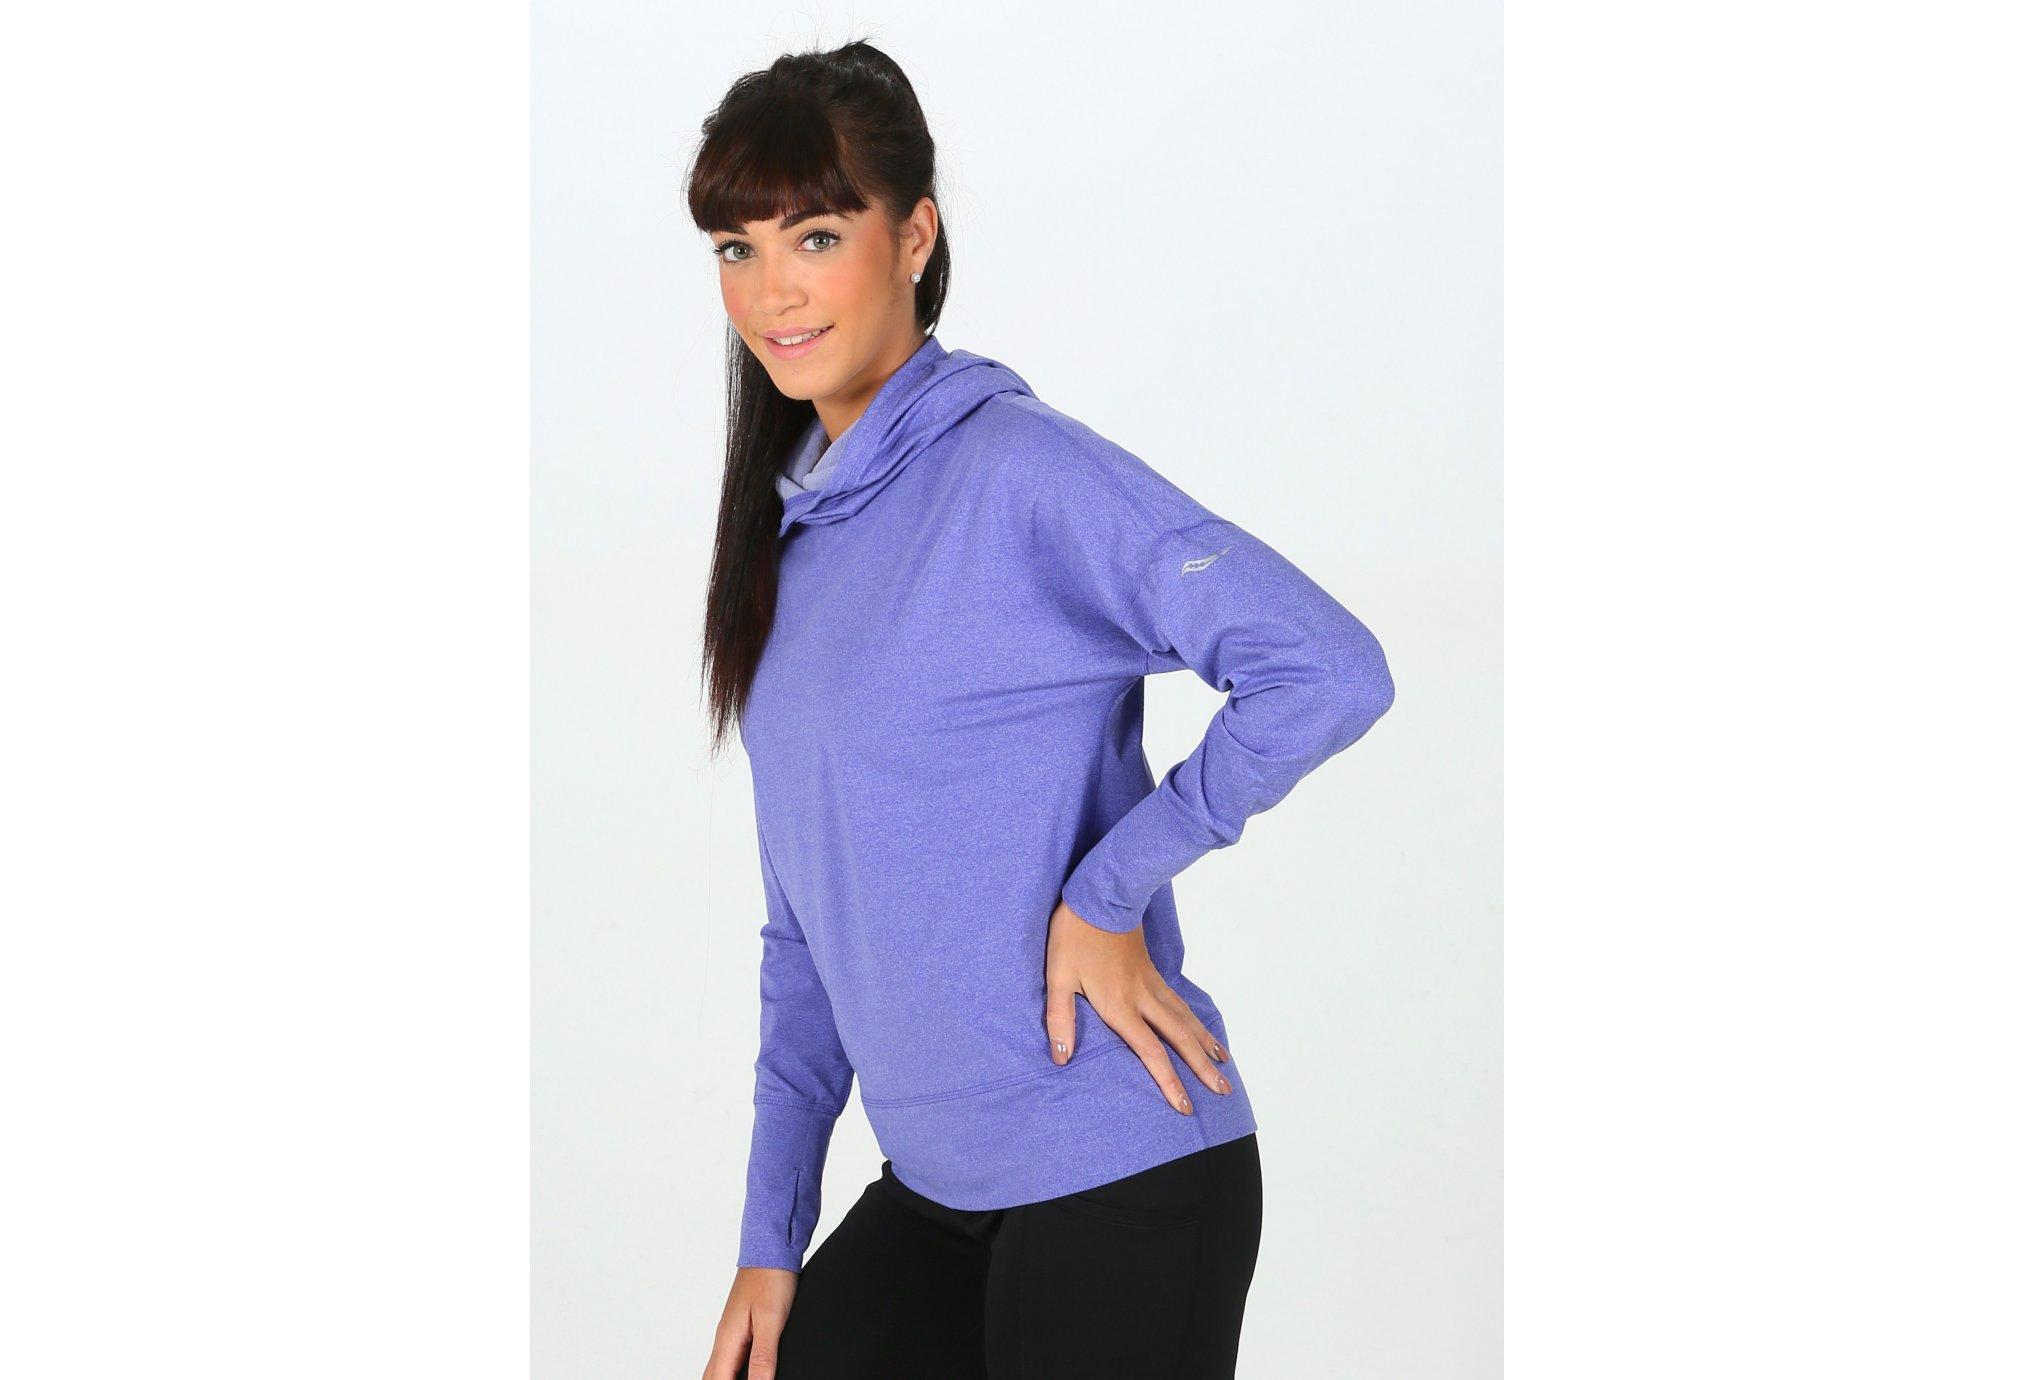 Saucony Run Strong W Diététique Vêtements femme